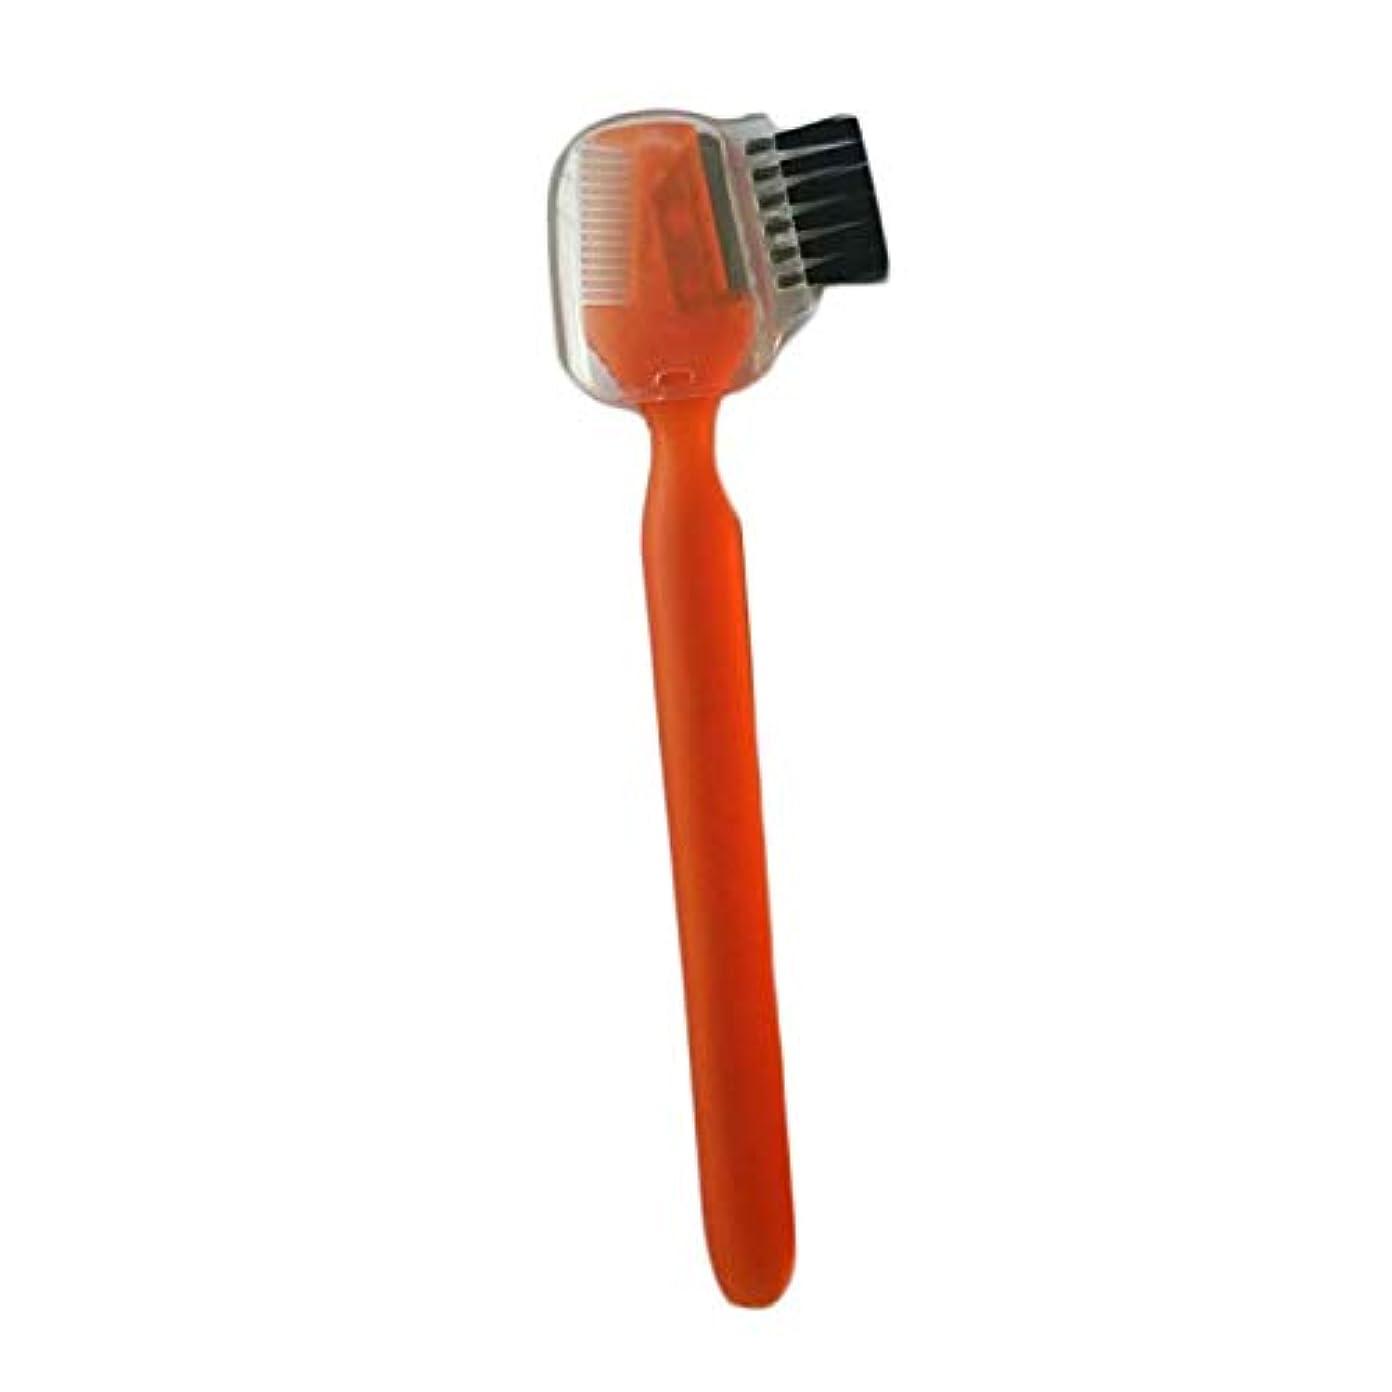 ブリッジエジプト幾何学Quzama-JS 最高品質の5つのPC女性は、眉毛櫛で剃毛キットを剃って眉を剃ります(None orange)